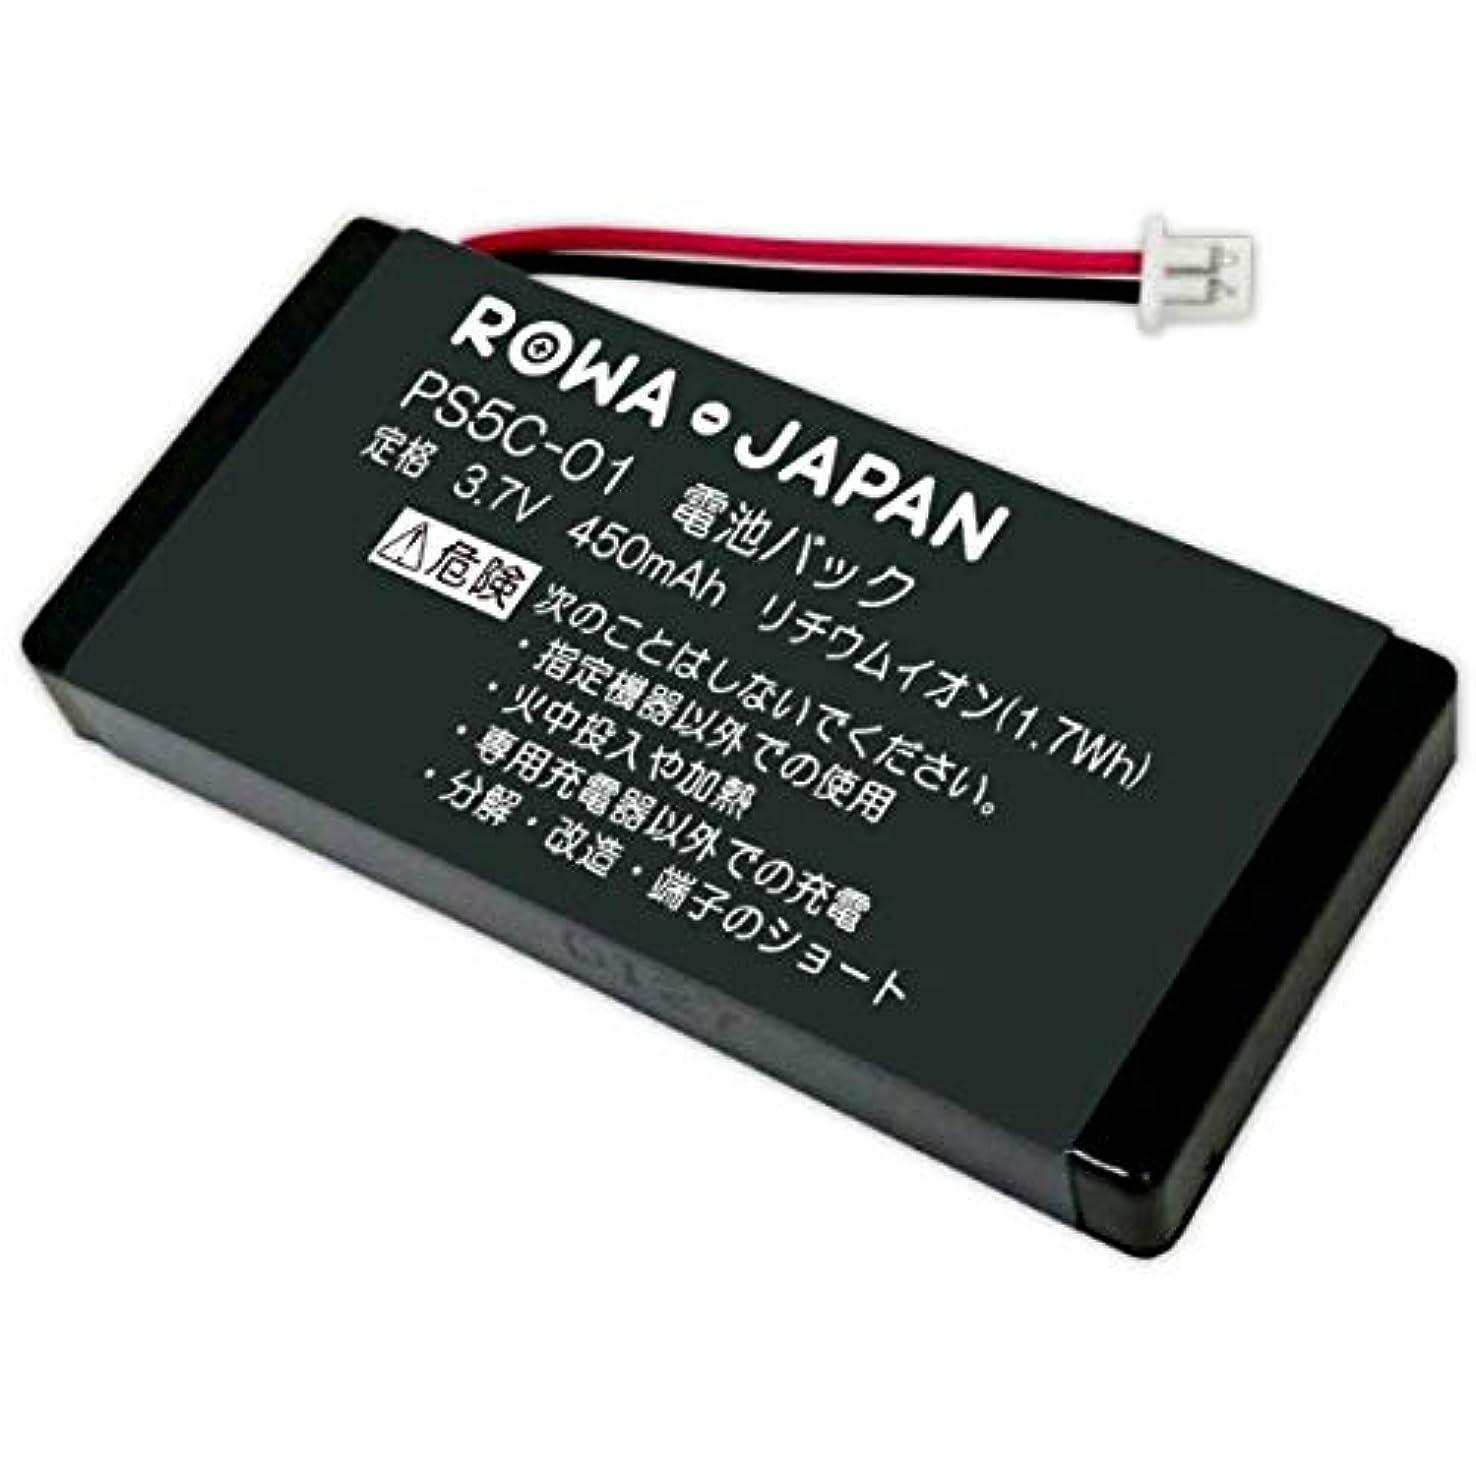 妥協法律洗剤【増量】日本電気 NEC PS5C-01 コードレスホン 子機 電話機 充電池 互換 バッテリー 【ロワジャパン】